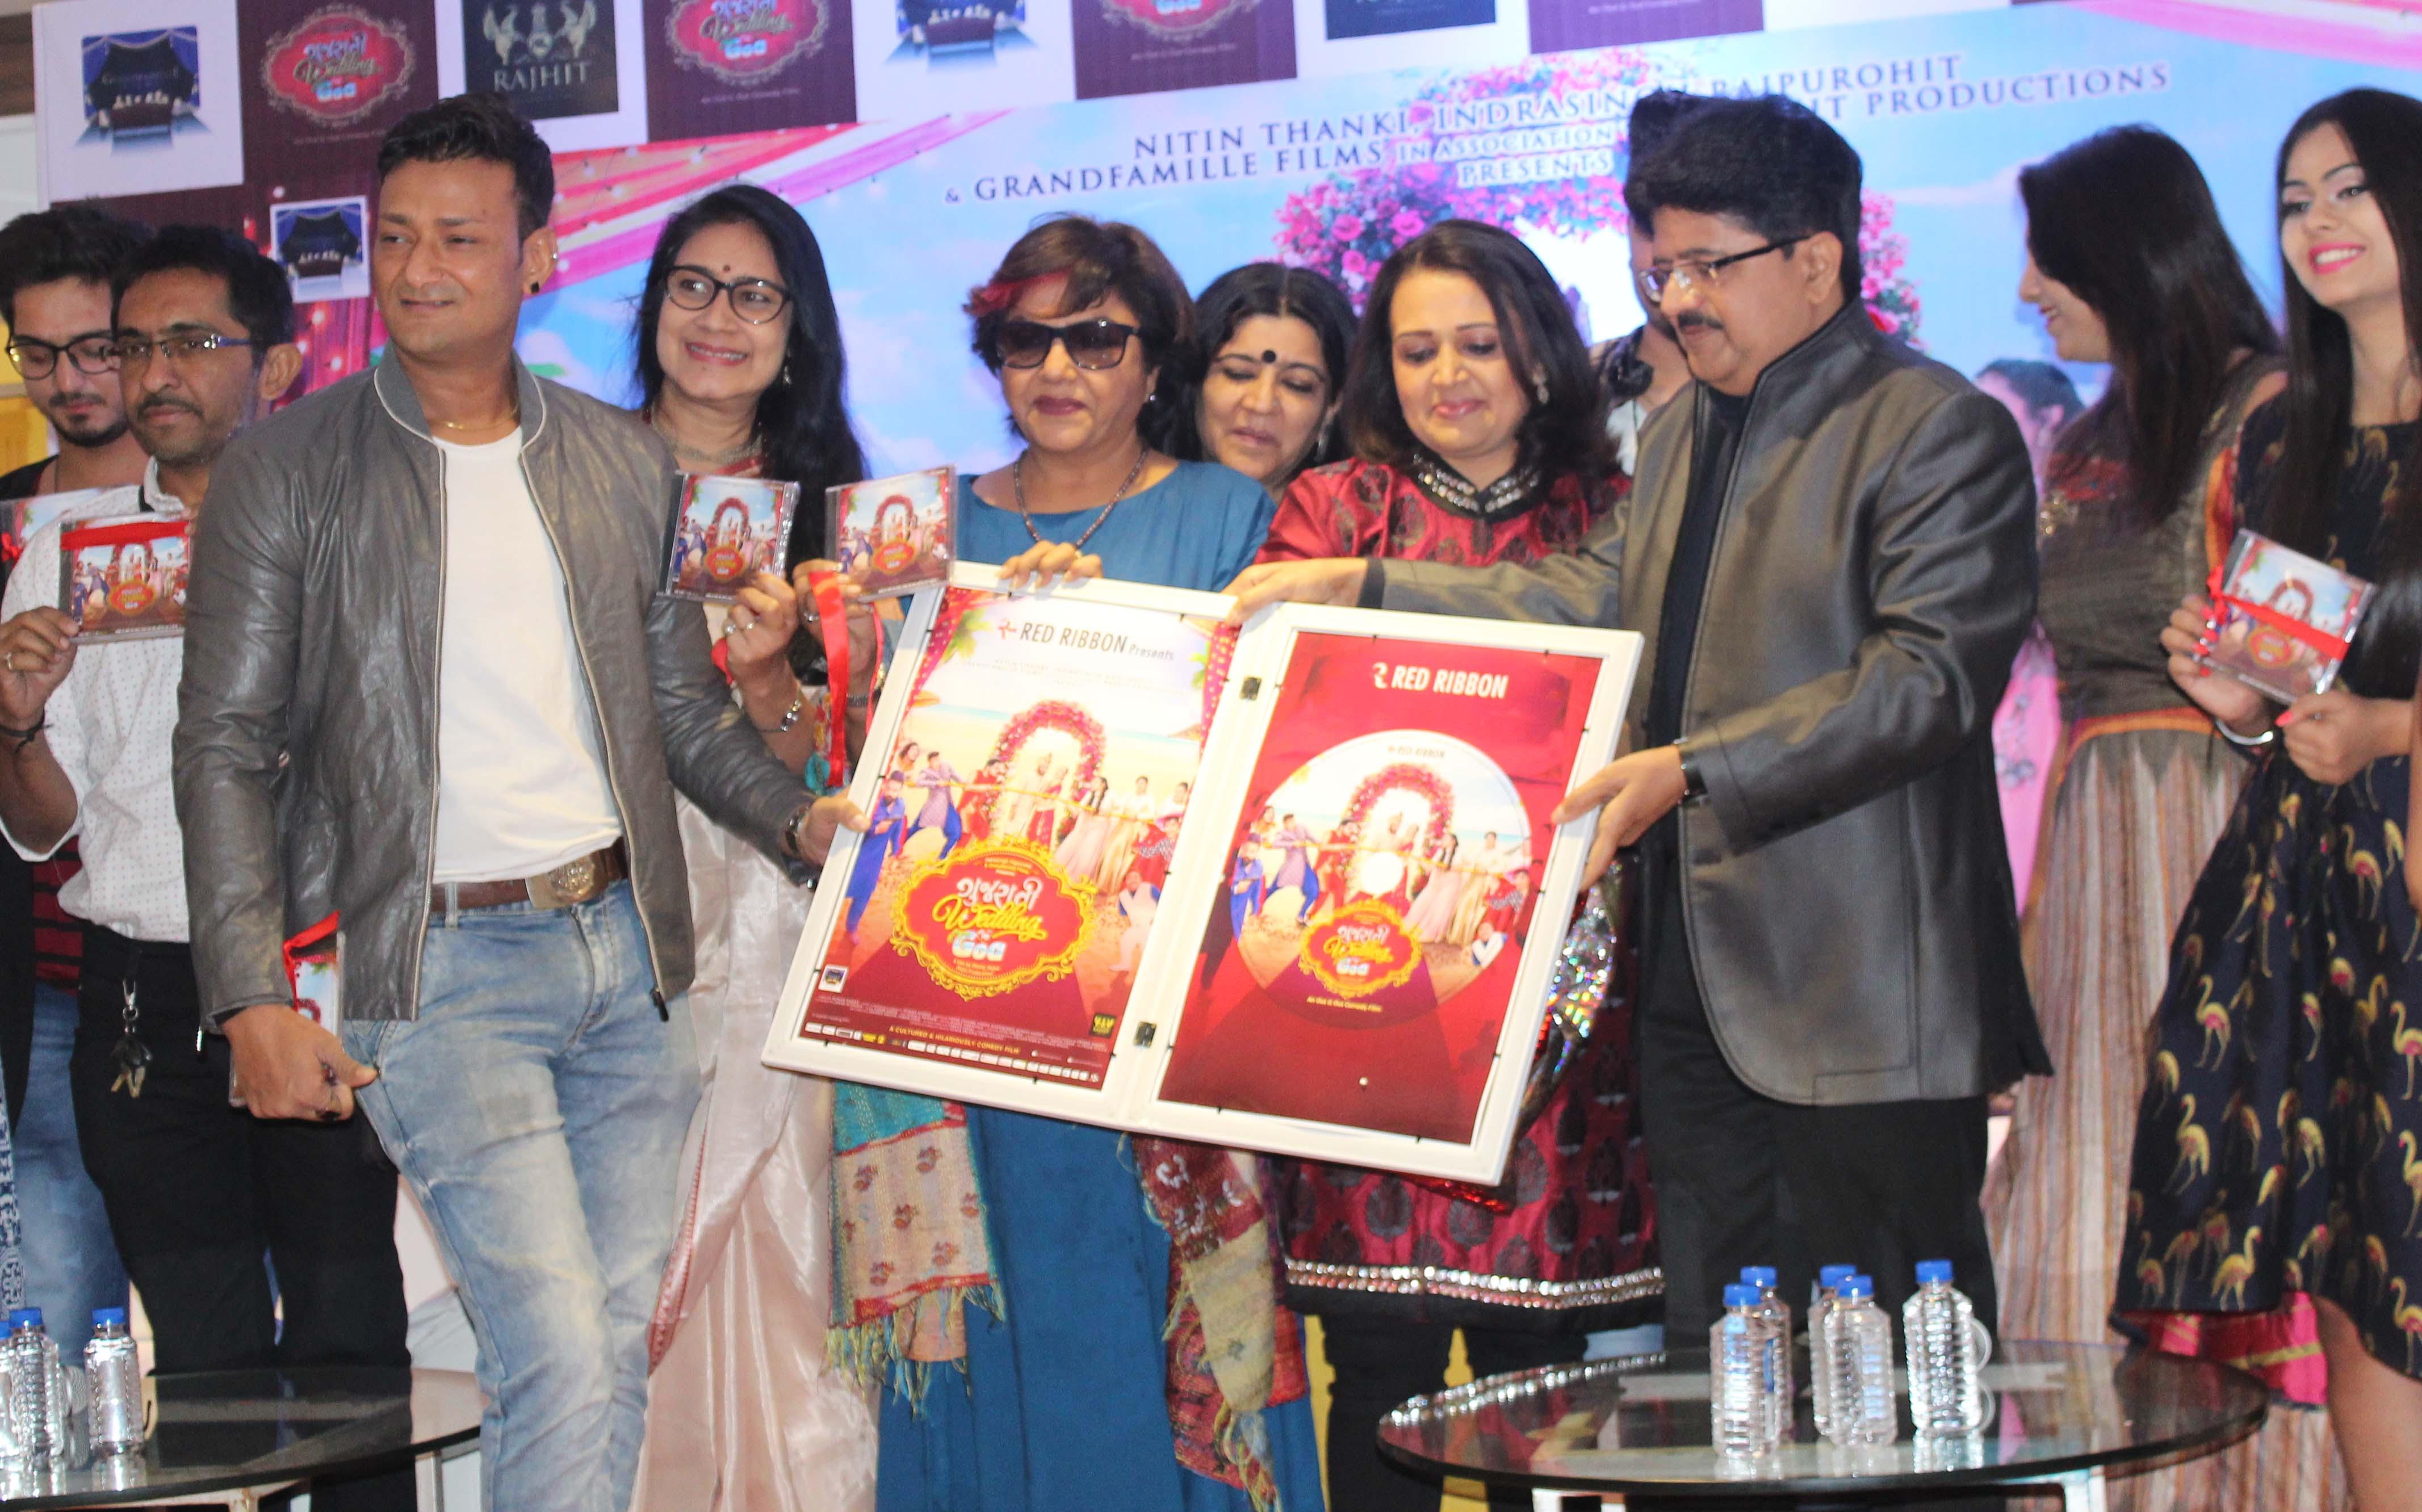 गुजराती फिल्म संगीत जगत में नये मानक स्थापित करता है गुजराती वेडिंग इन गोवा का संगीत